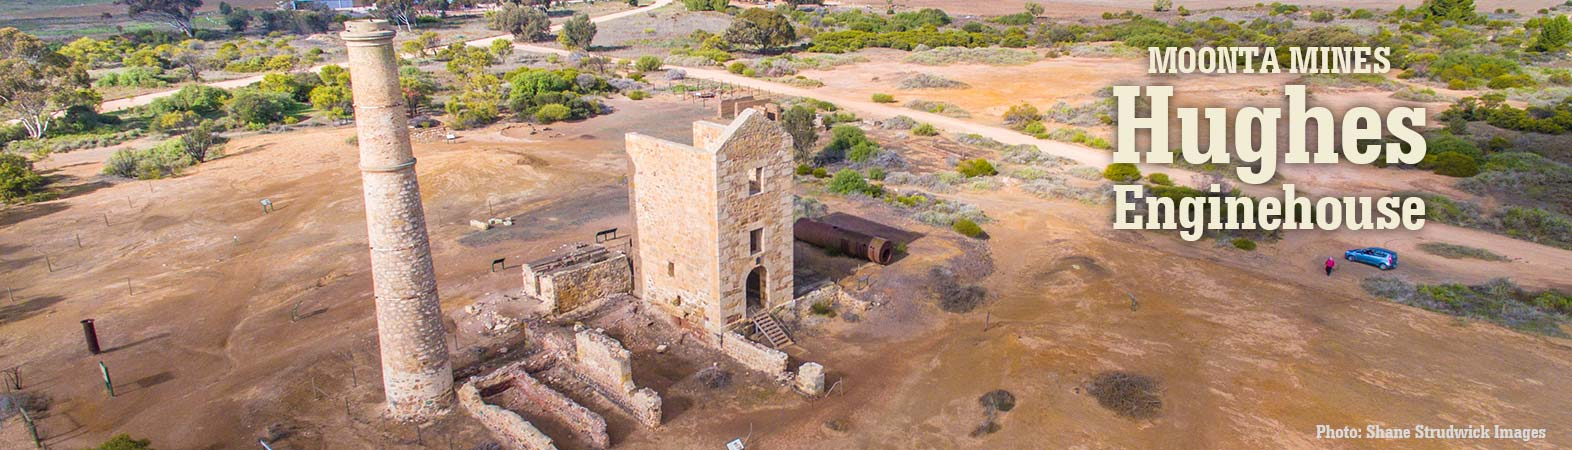 Moonta Mines Hughes Enginehouse Shane Strudwick Images